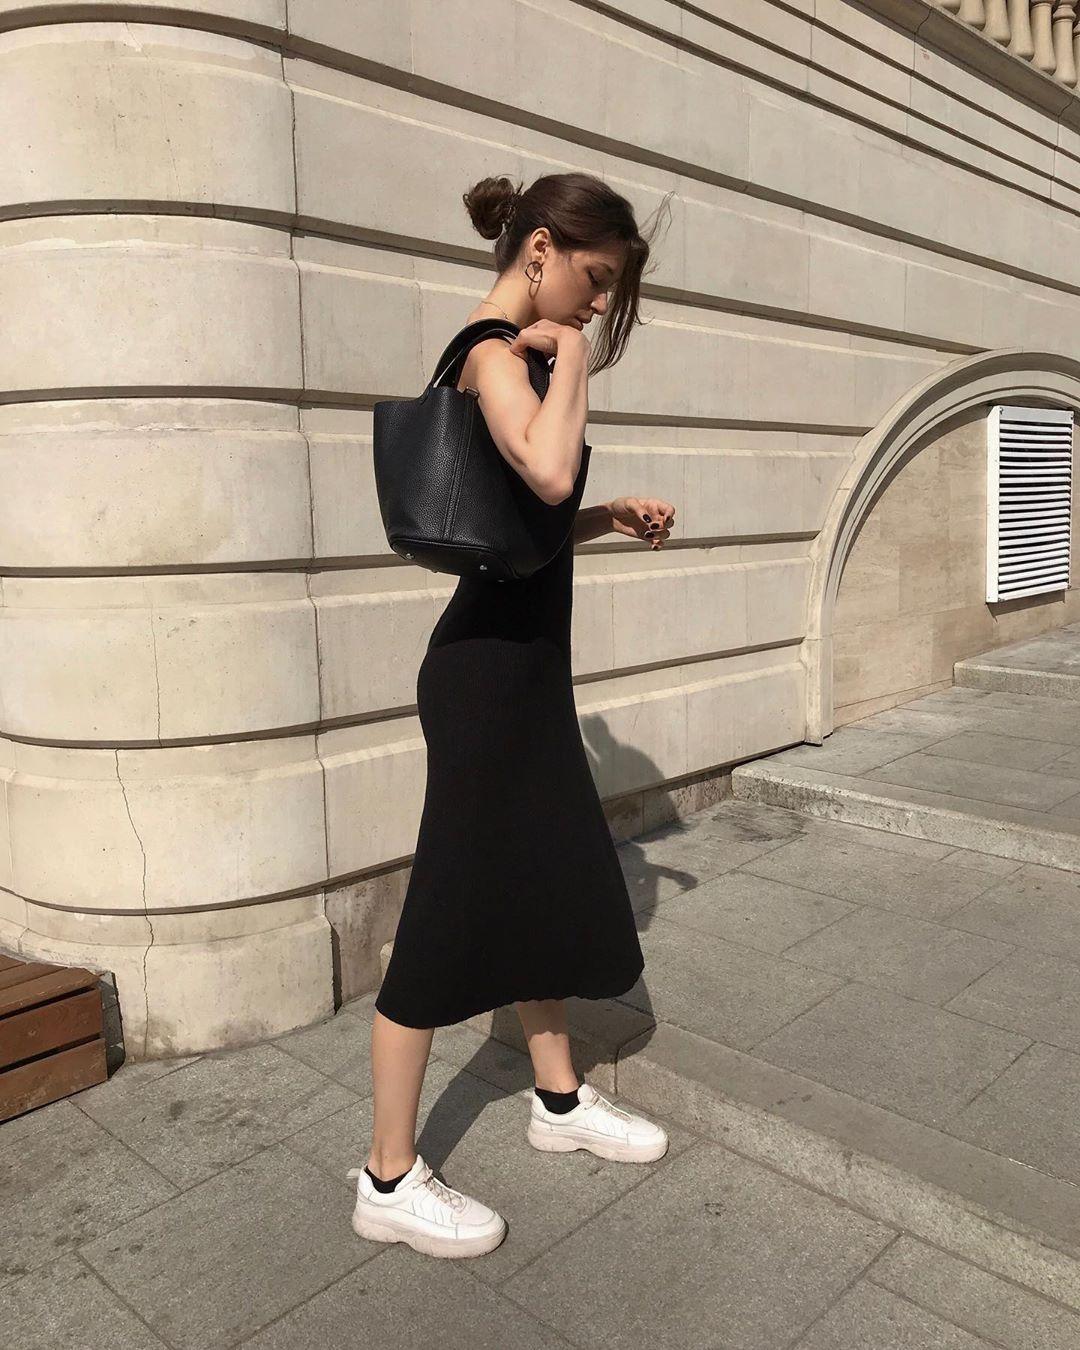 Модные забытые тенденции, которые вернулись в 2020 году: Черные носки